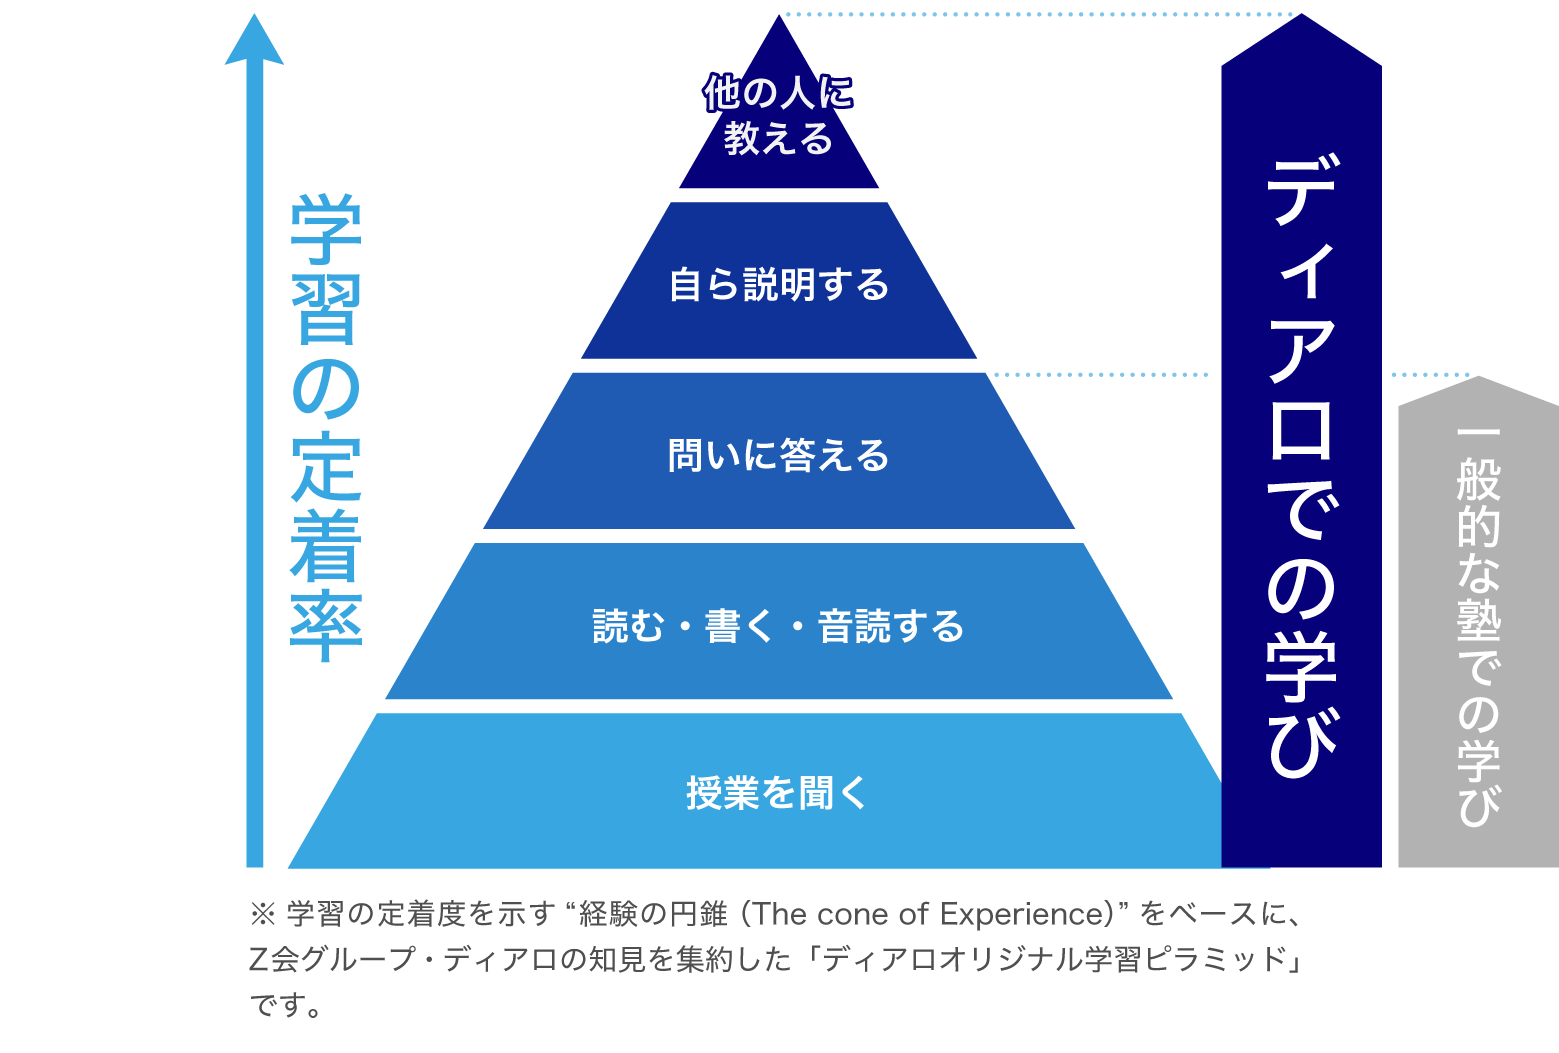 ※学習の定着度を示す「経験の円錐[The Cone of Experience]」をベースに、Z会グループの知見を集約し作成したピラミッドです。